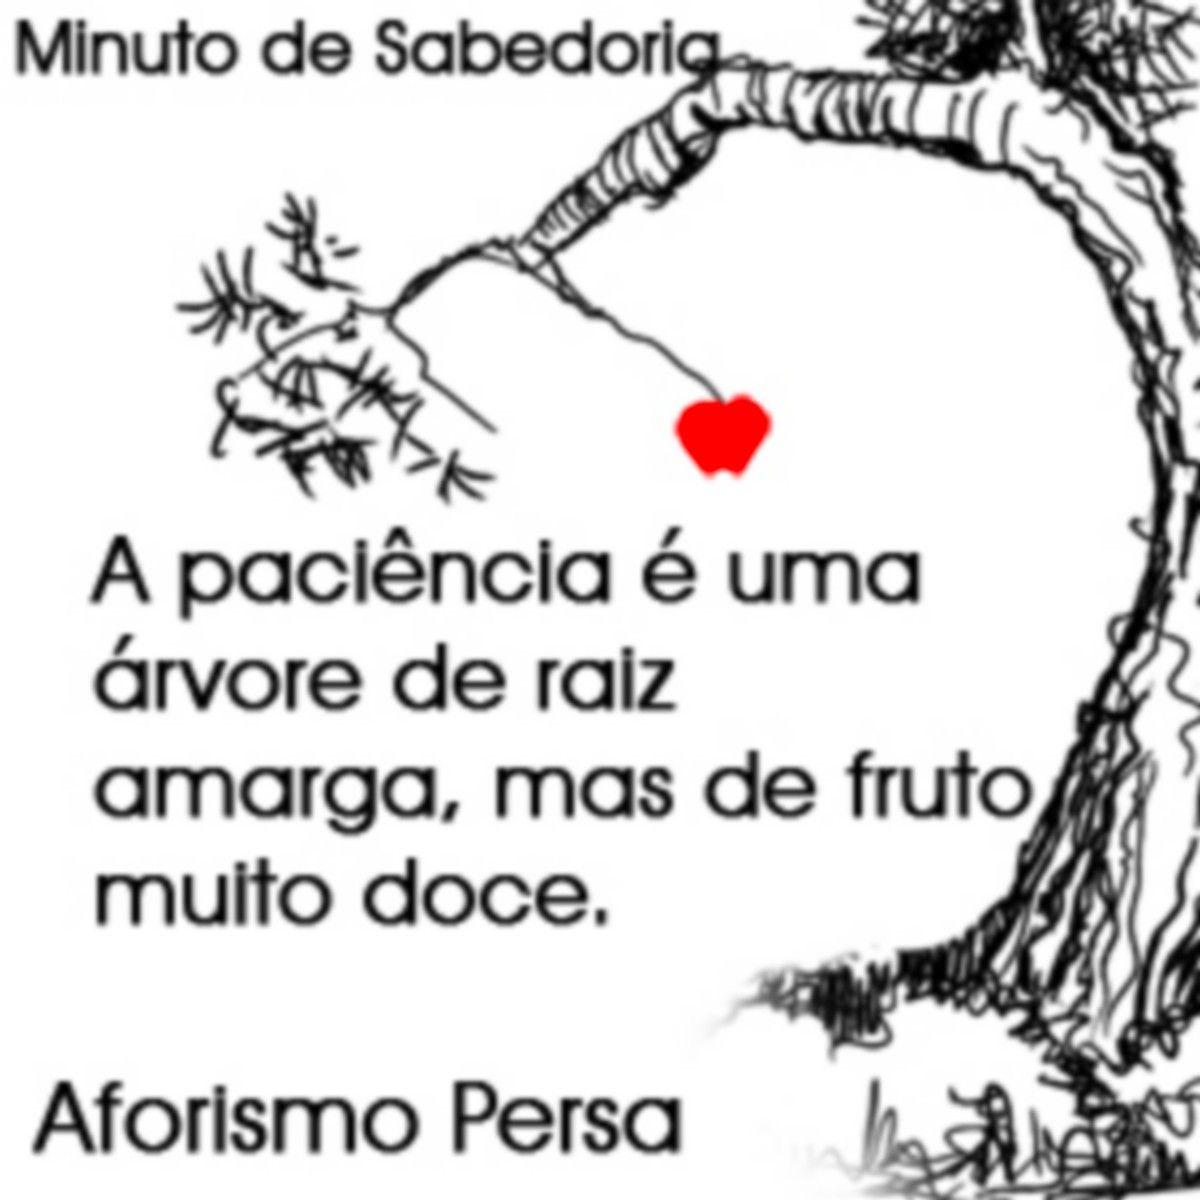 """Provérbio aforismo Persa + https://br.pinterest.com/pin/560698222349530694/  e LINK = Belo, verdadeiro http://mensagensdiarias.wordpress.com/.../o-amor-a-si-mesmo/ 26 08 2010 """"Aprendemos desde cedo que amar a si mesmo é uma forma de egoísmo ou egocentrismo."""